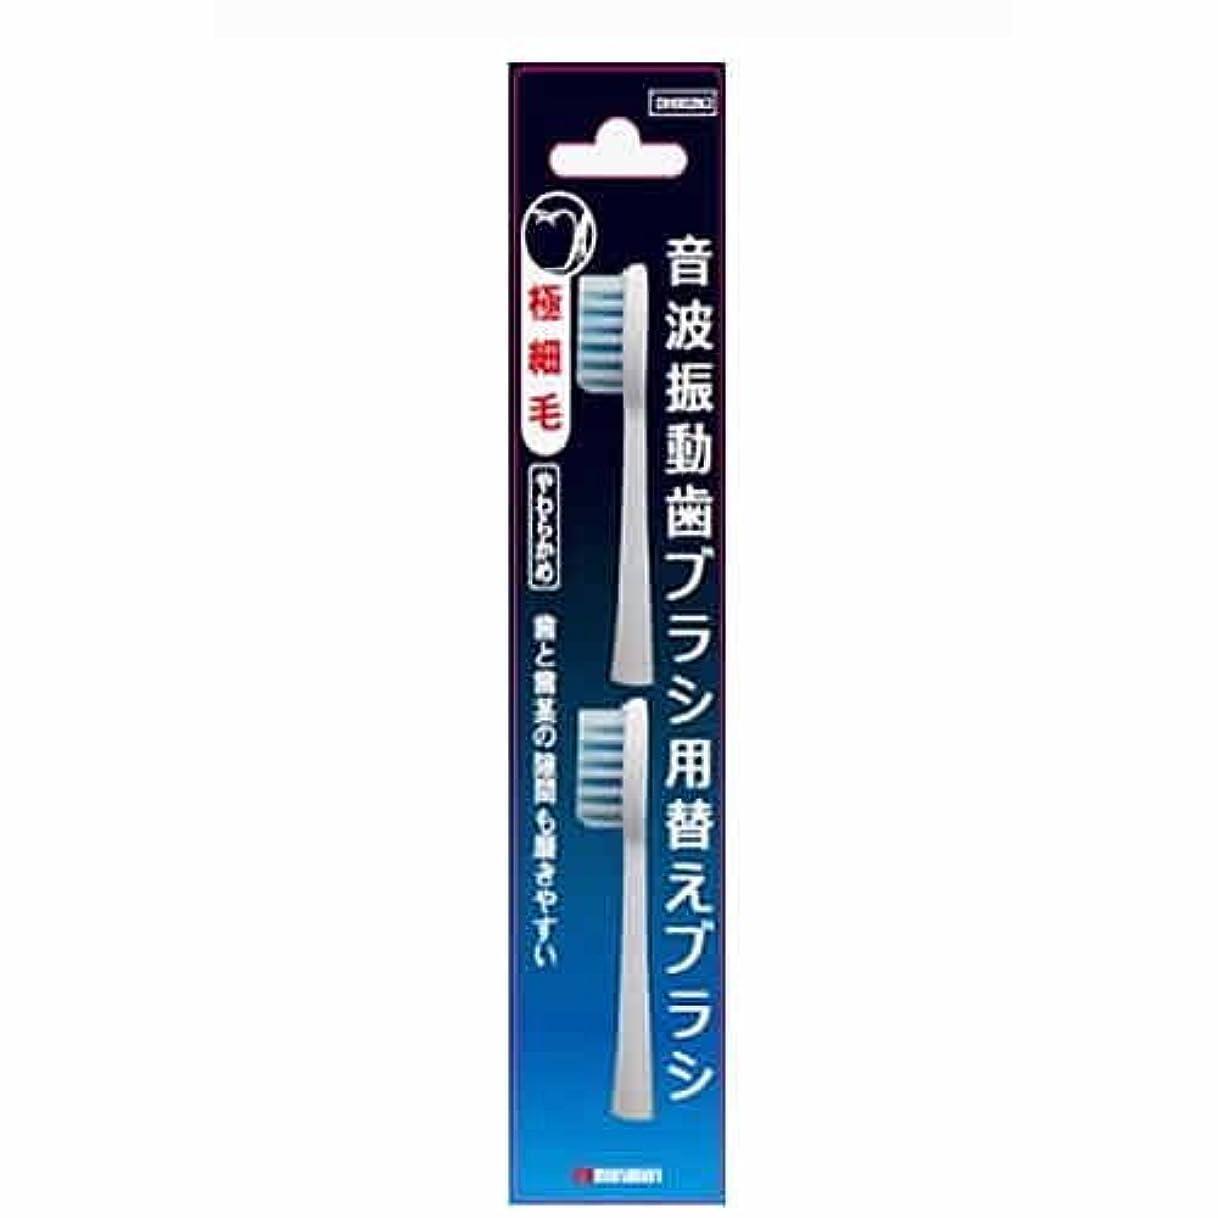 拡大する誇張スクリュー【まとめ買い】マルマン 電動歯ブラシ ミニモ/プロソニック1/プロソニック2/プロソニック3 対応 替えブラシ 極細毛 DK002N2 2本組 ×6個